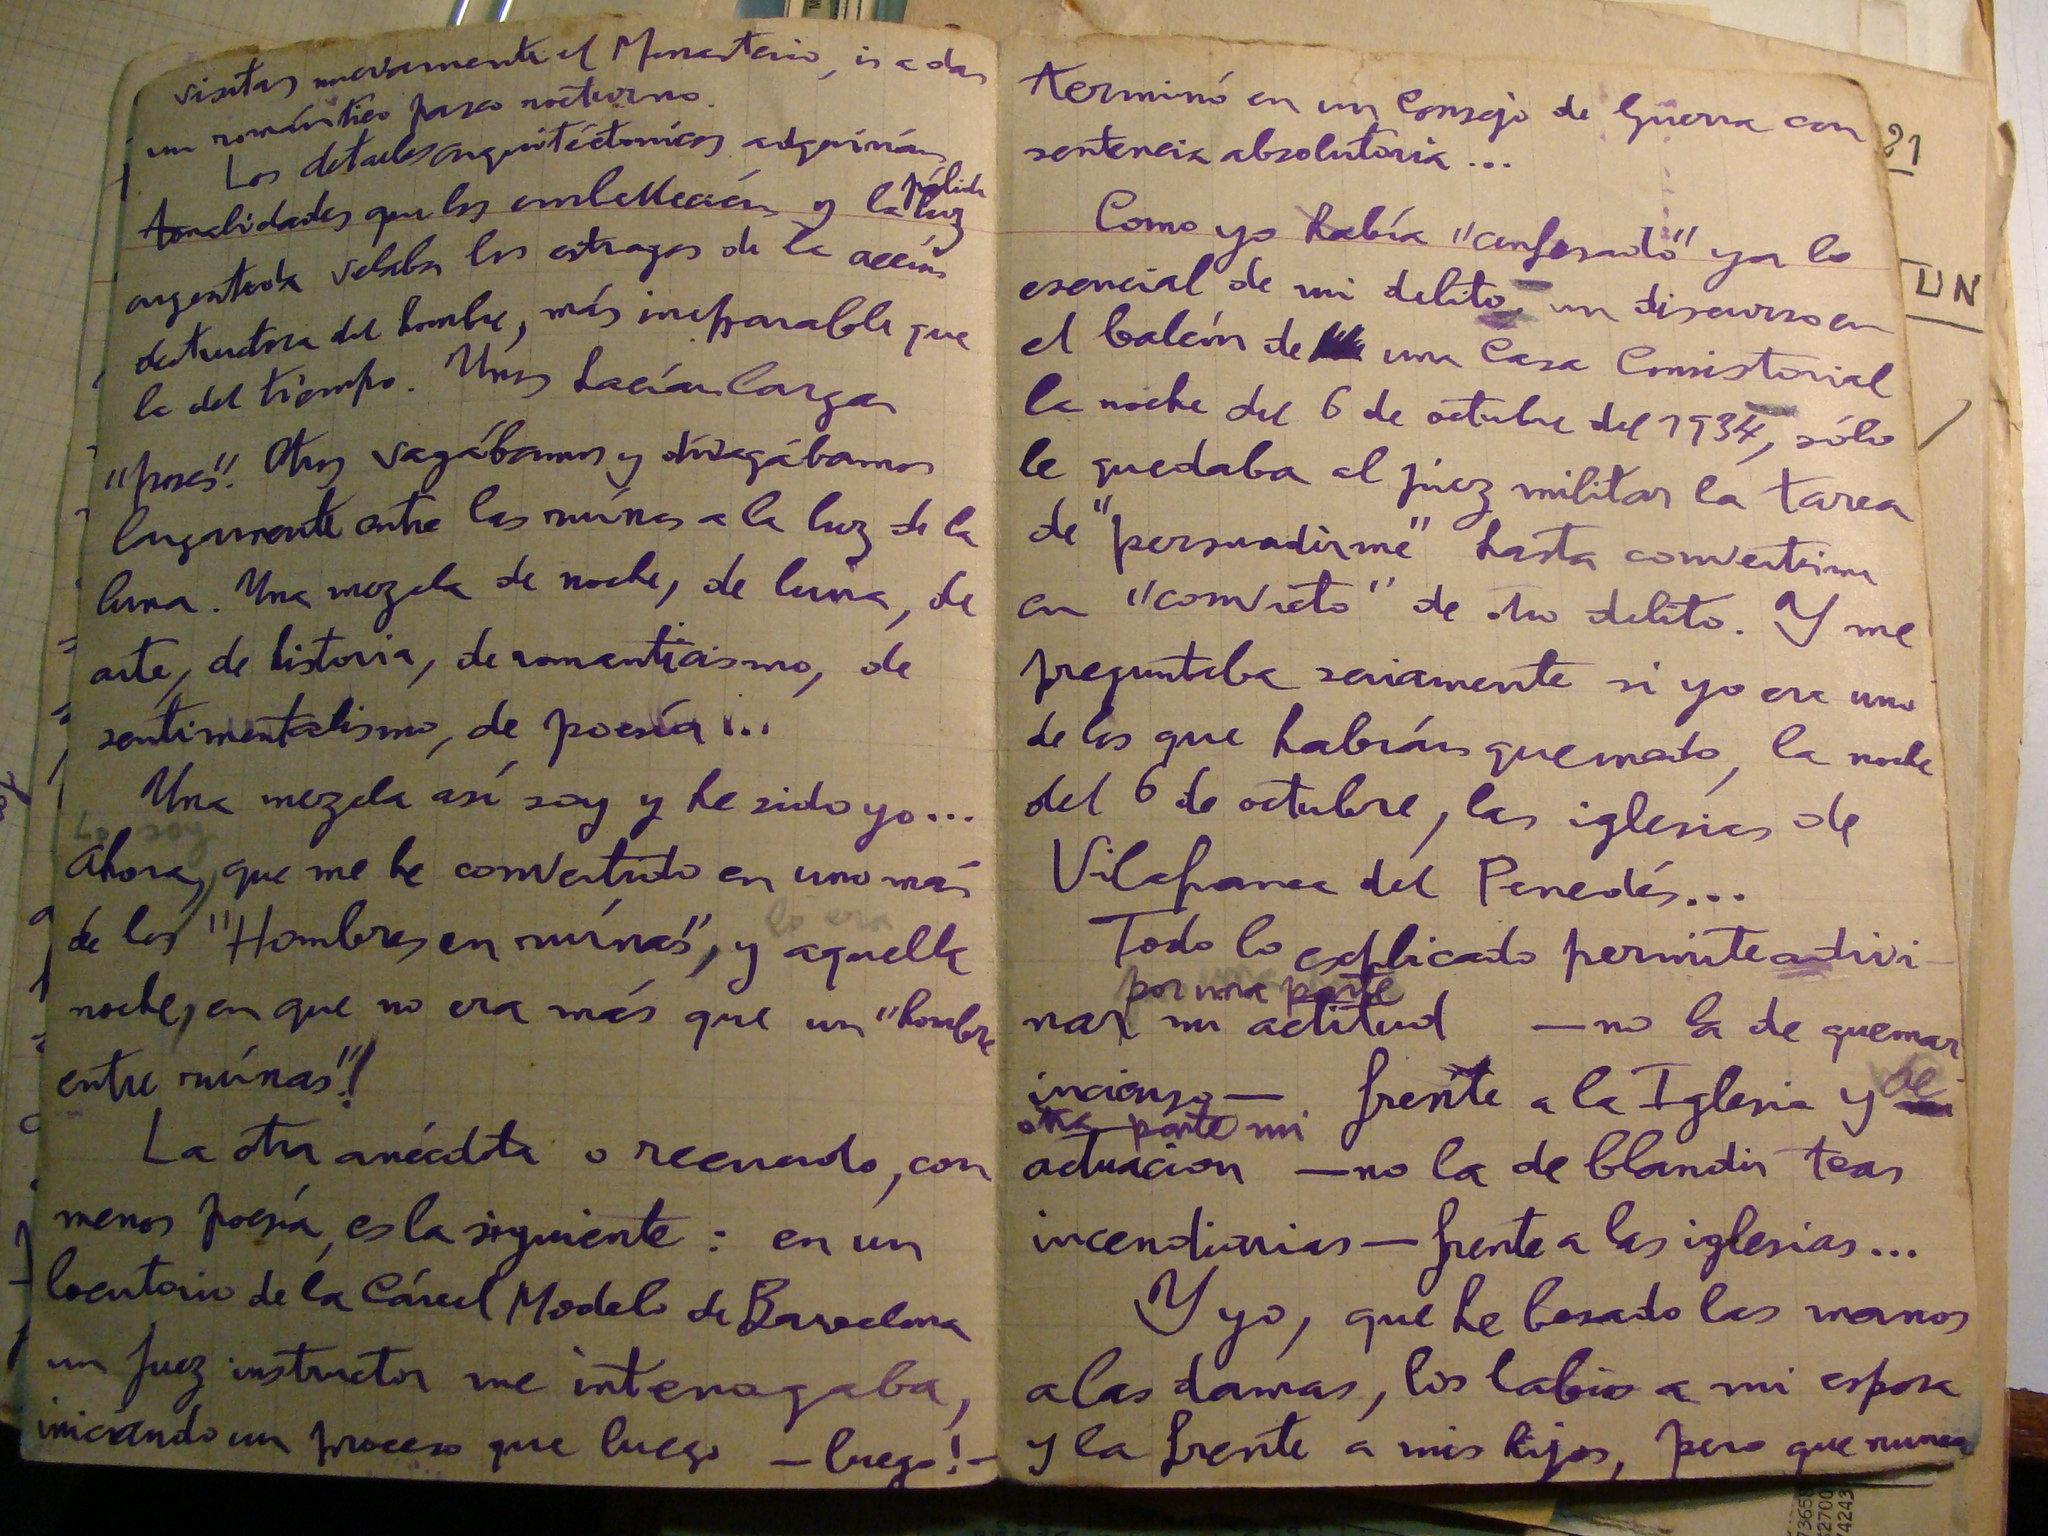 tagĵurnalero de Jaume Grau Casas pri la 6a de oktobro 1934a